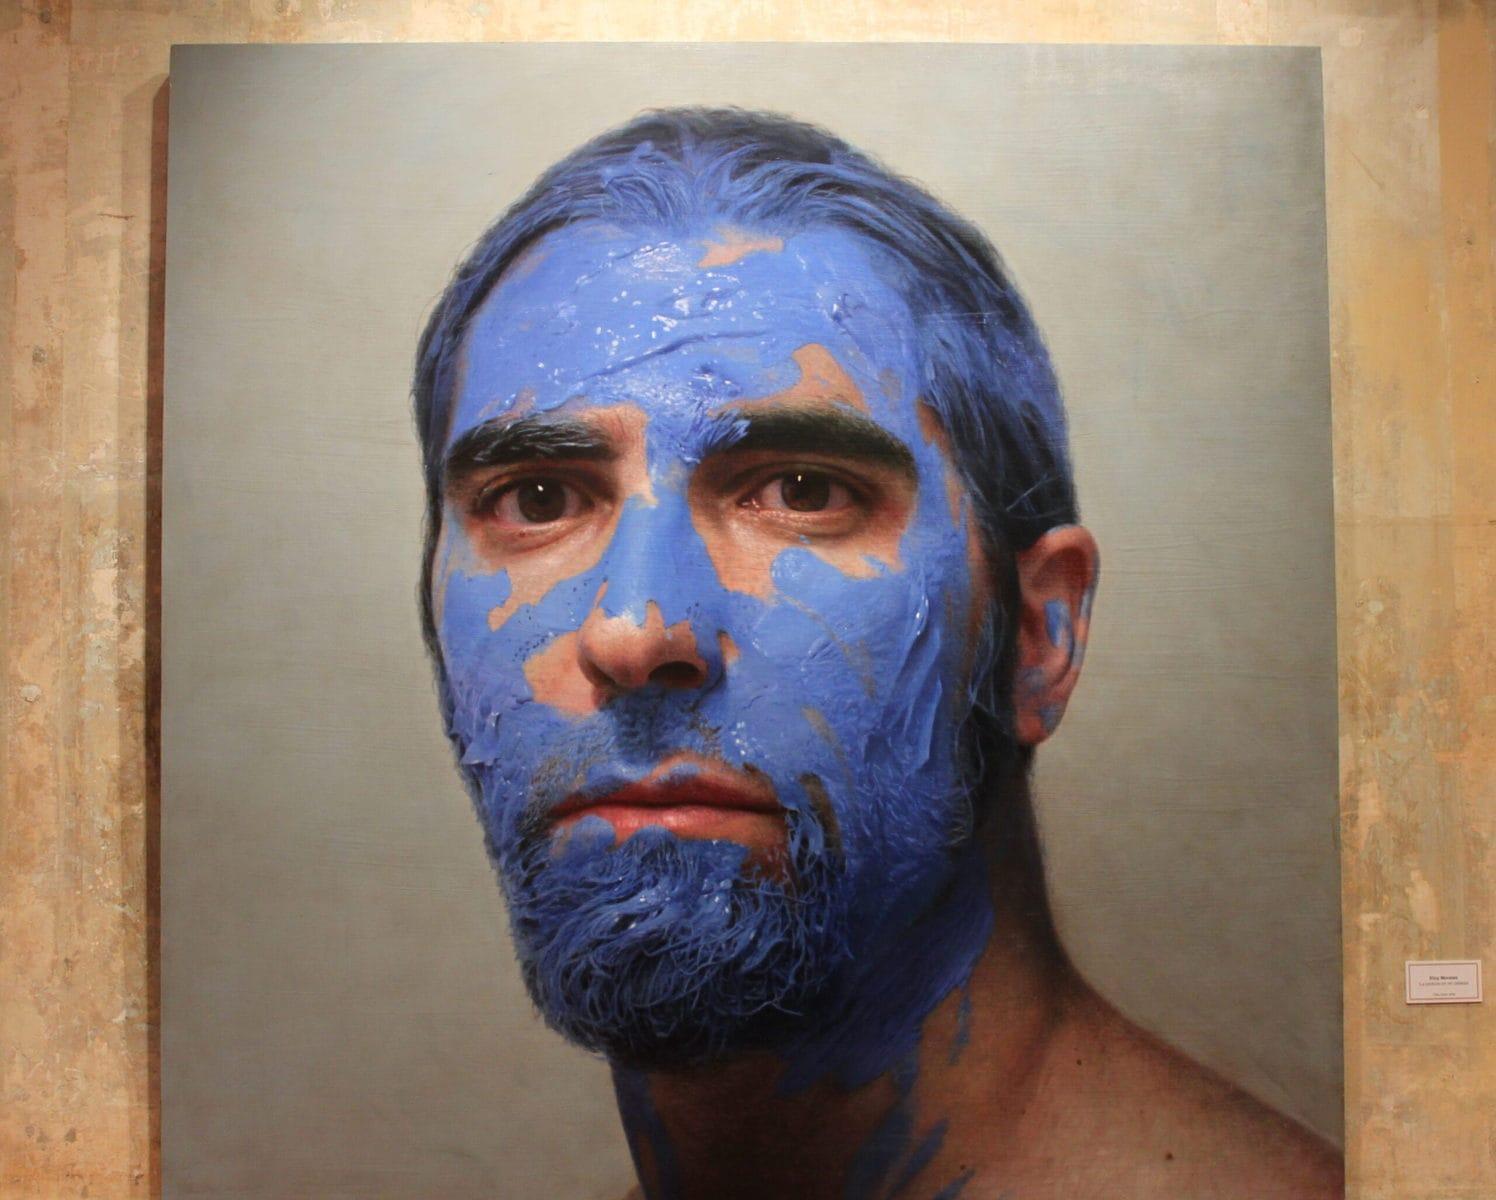 """MEAM, Eloy Morales Ramiro, """"La pintura en mi cabeza"""" (Die Farbe auf meinem Kopf), 2010"""